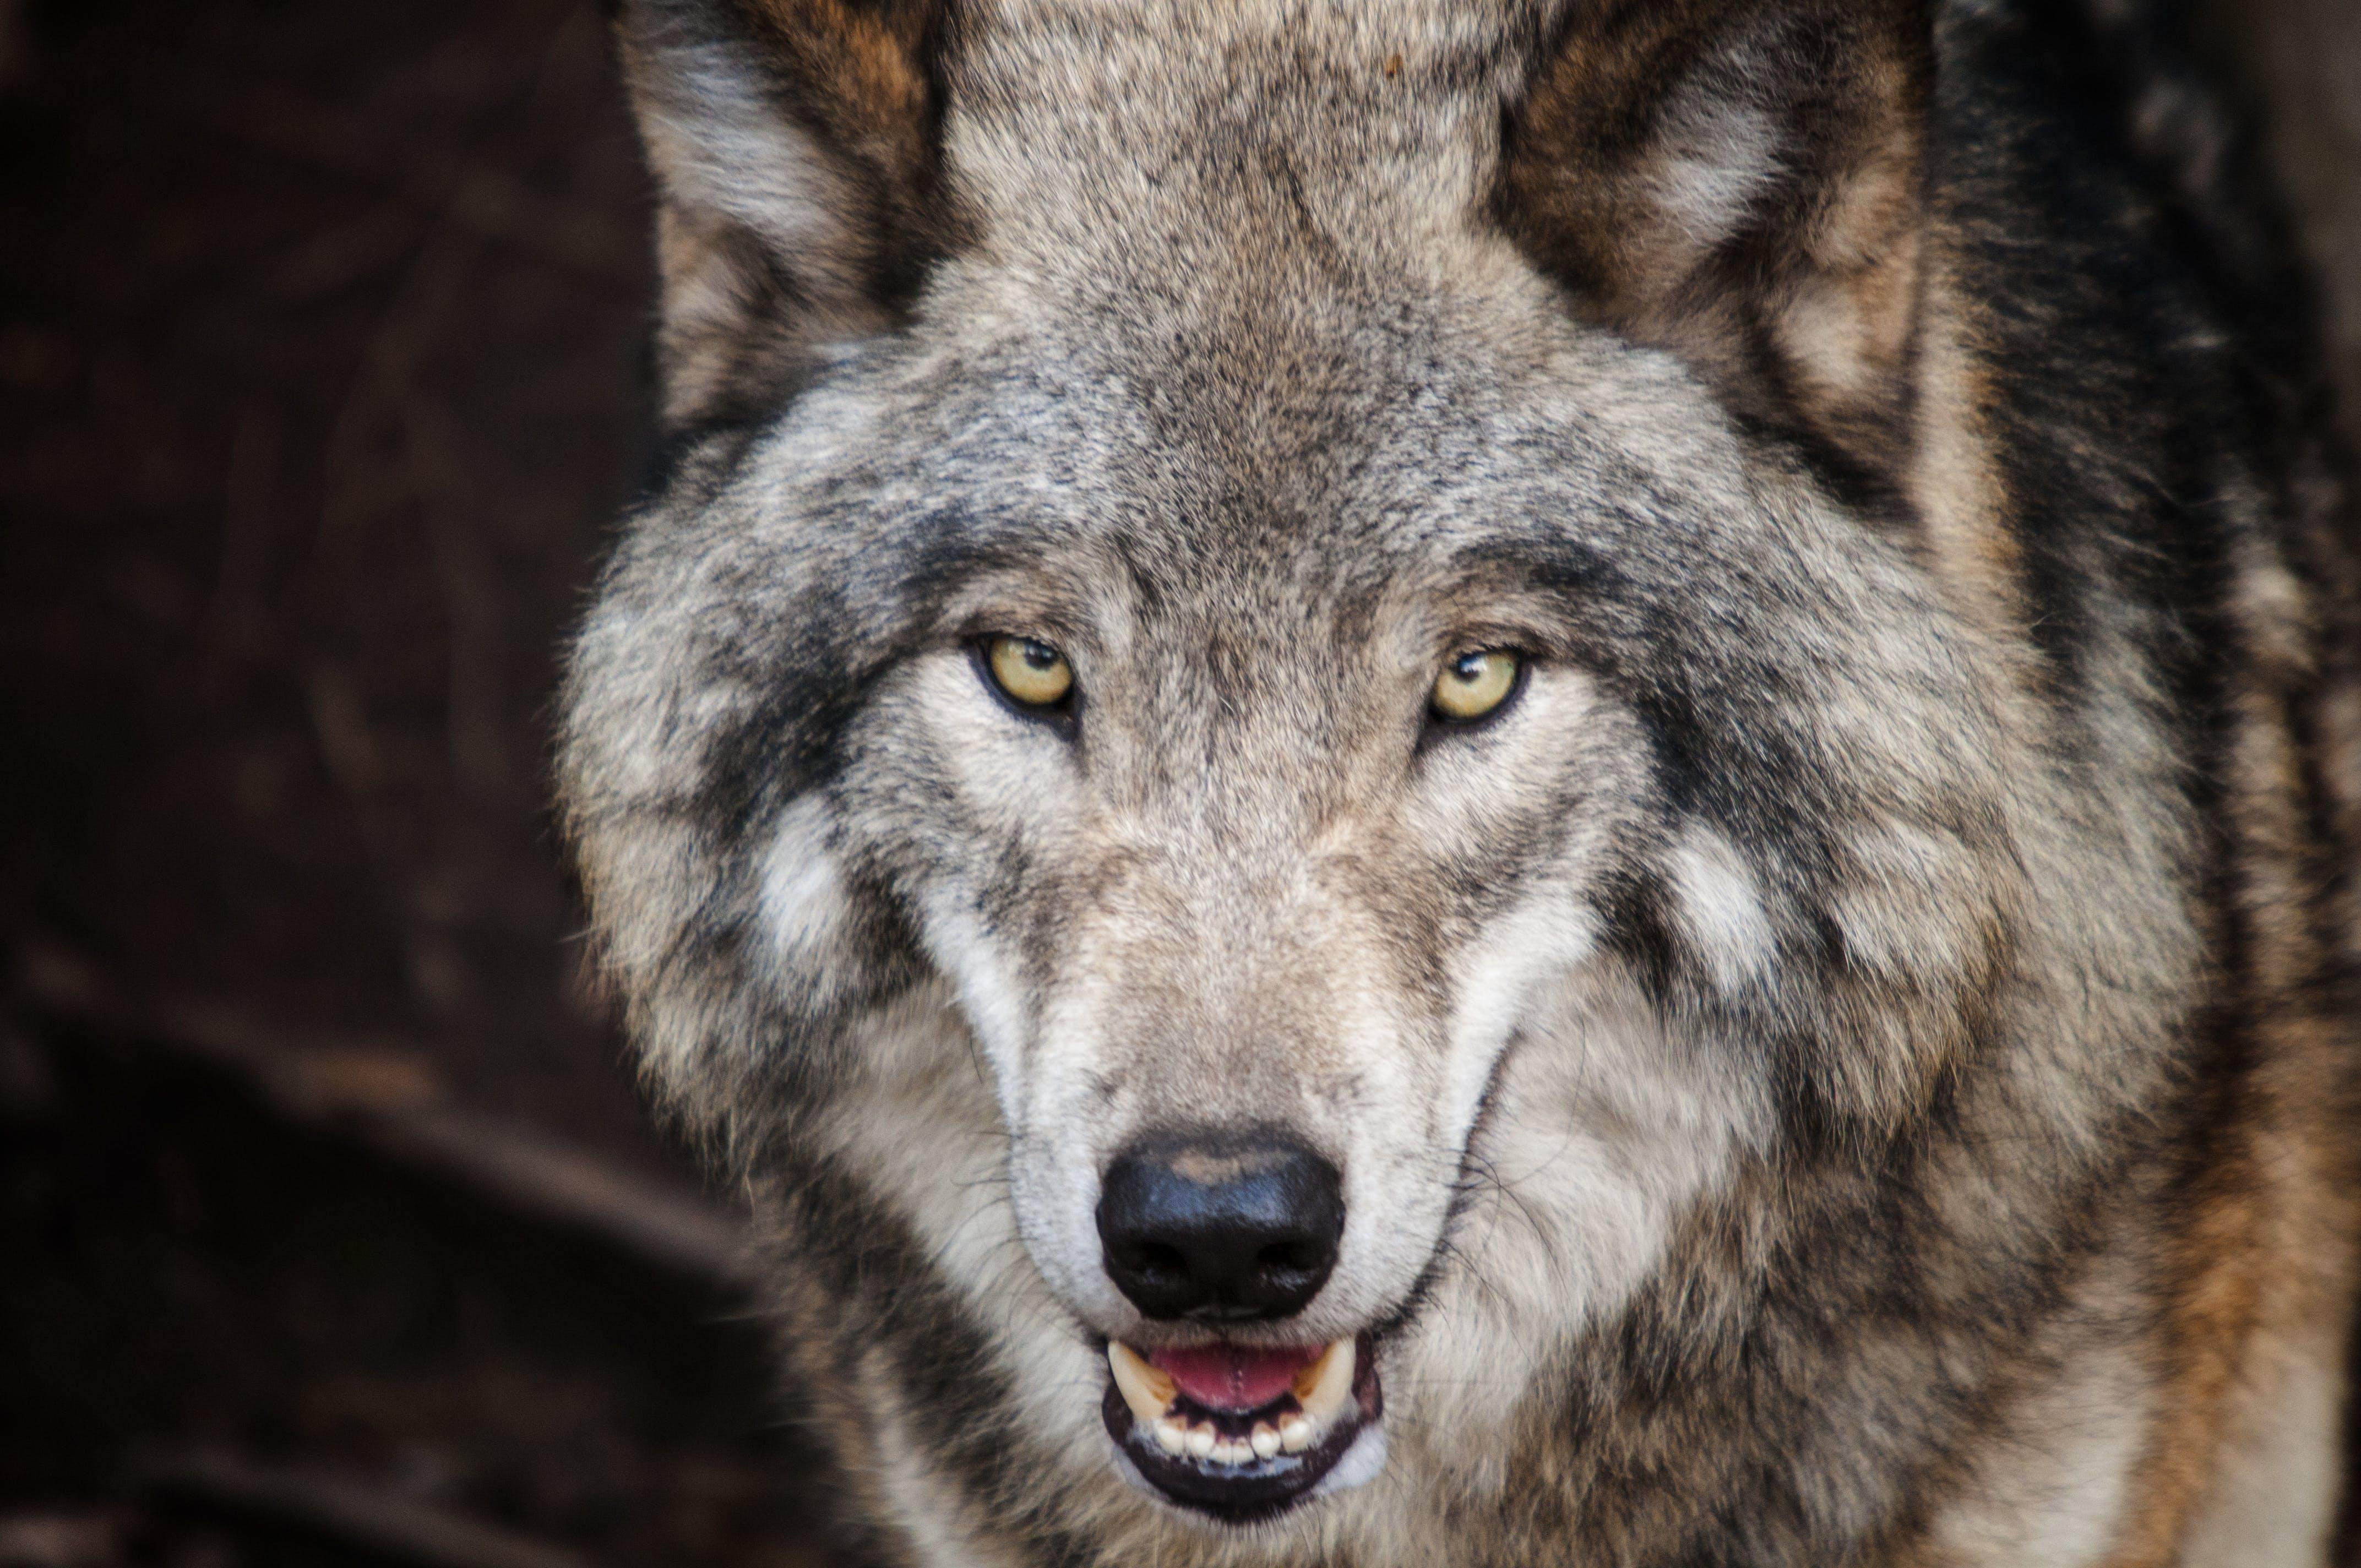 Kostenloses Stock Foto zu fleischfresser, gefahr, gucken, holz wolf